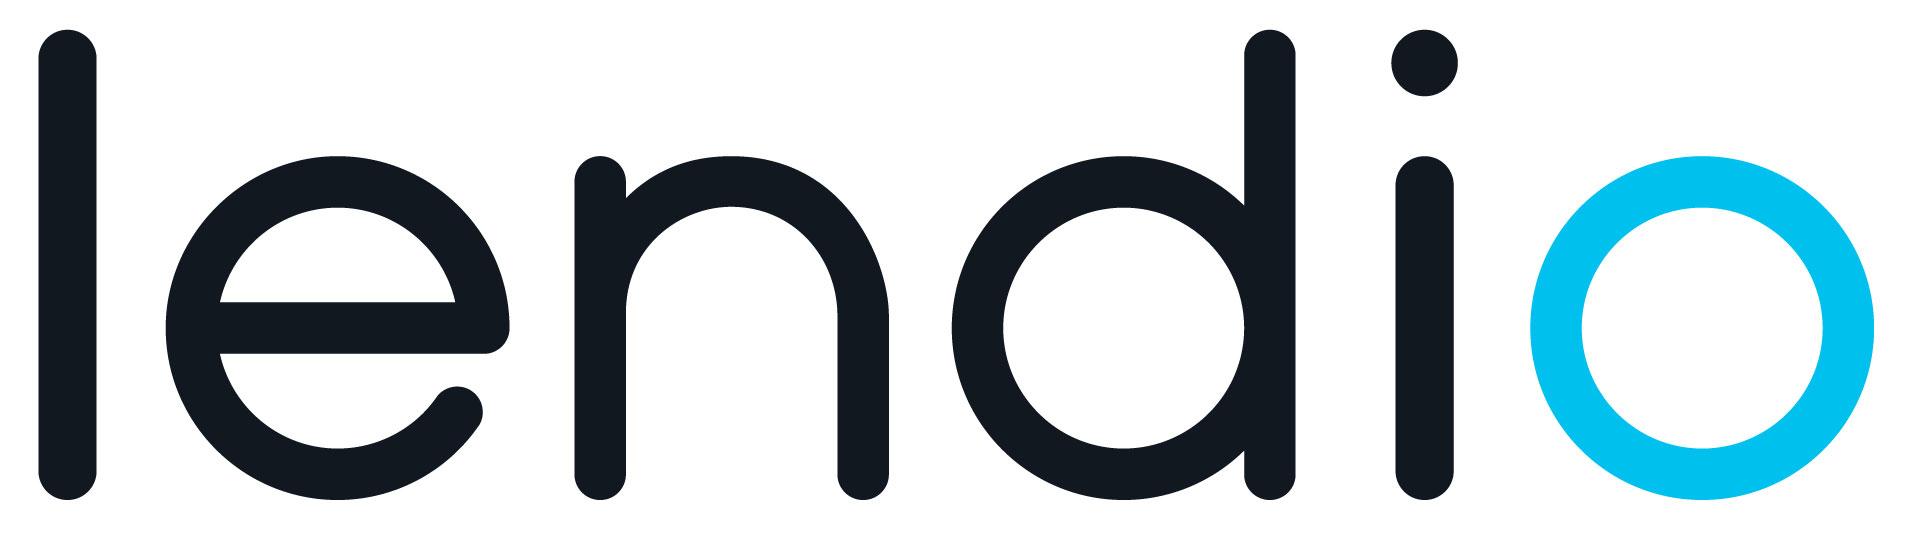 Lendio Company Logo